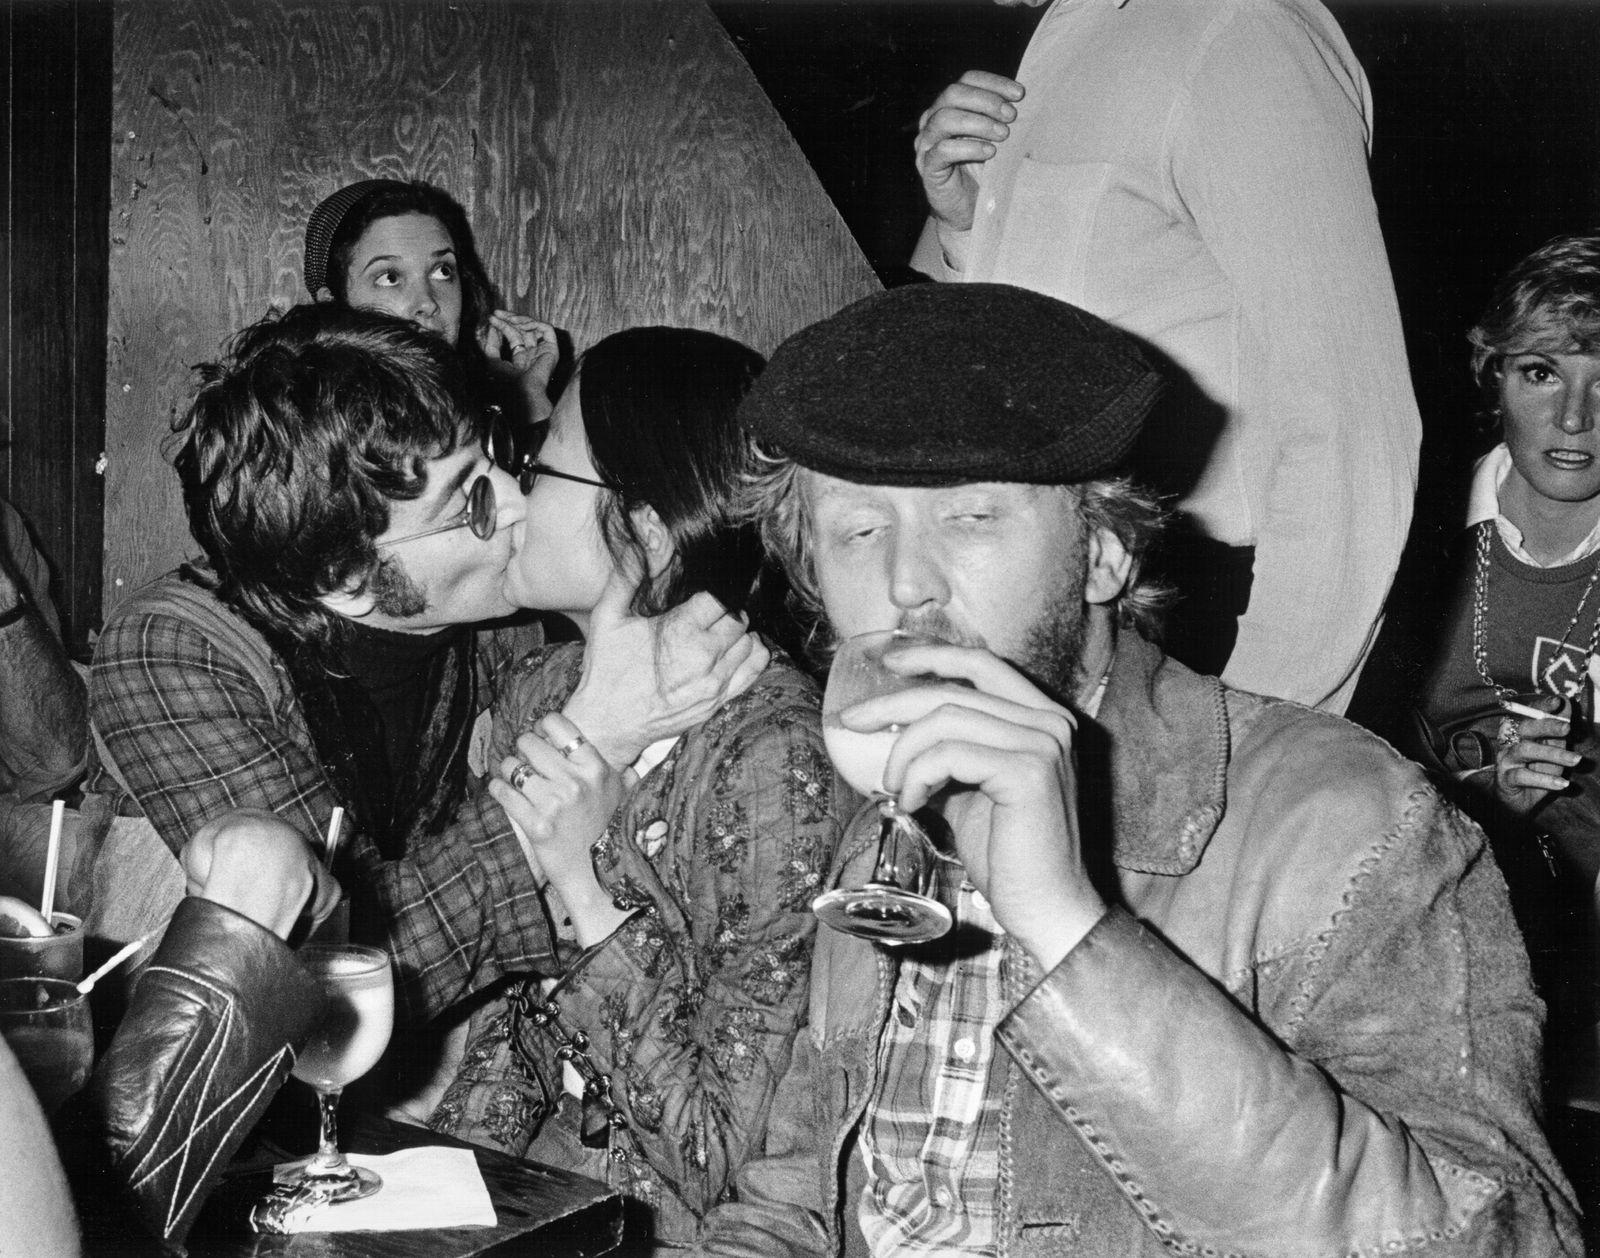 Beatle Lennon Turns Heckler, March 1974